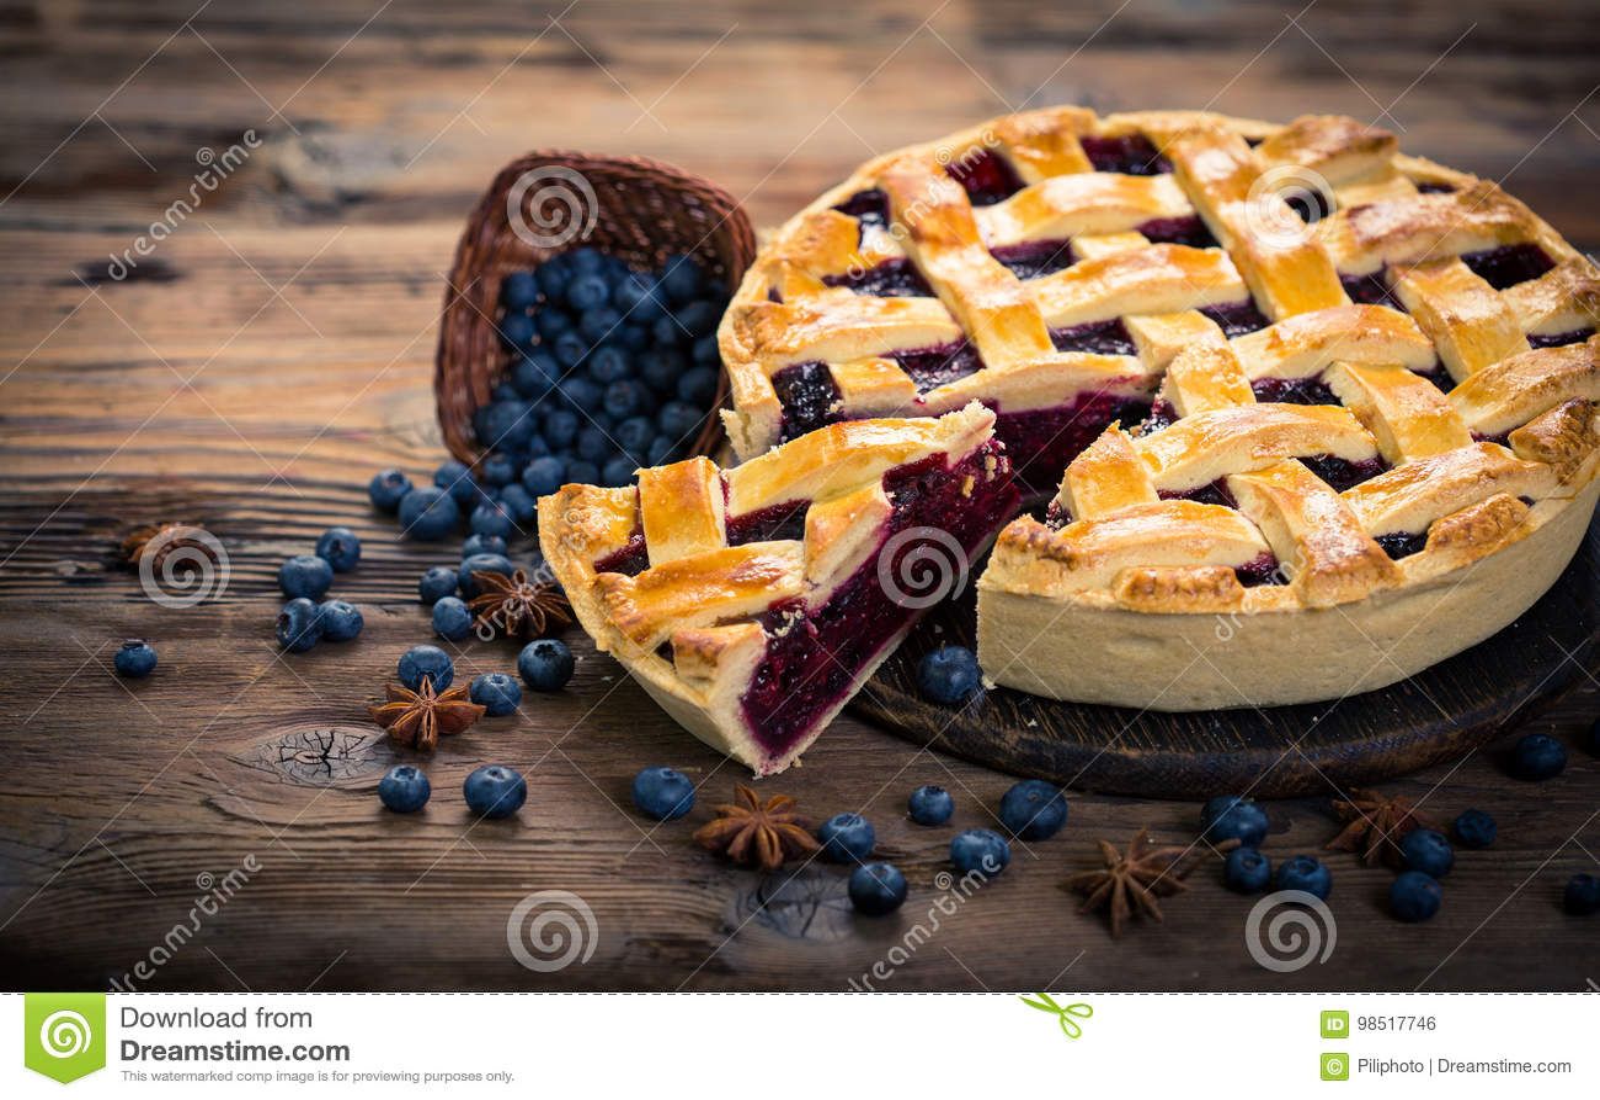 Material: blåbär gräddfil, socker, två ägg